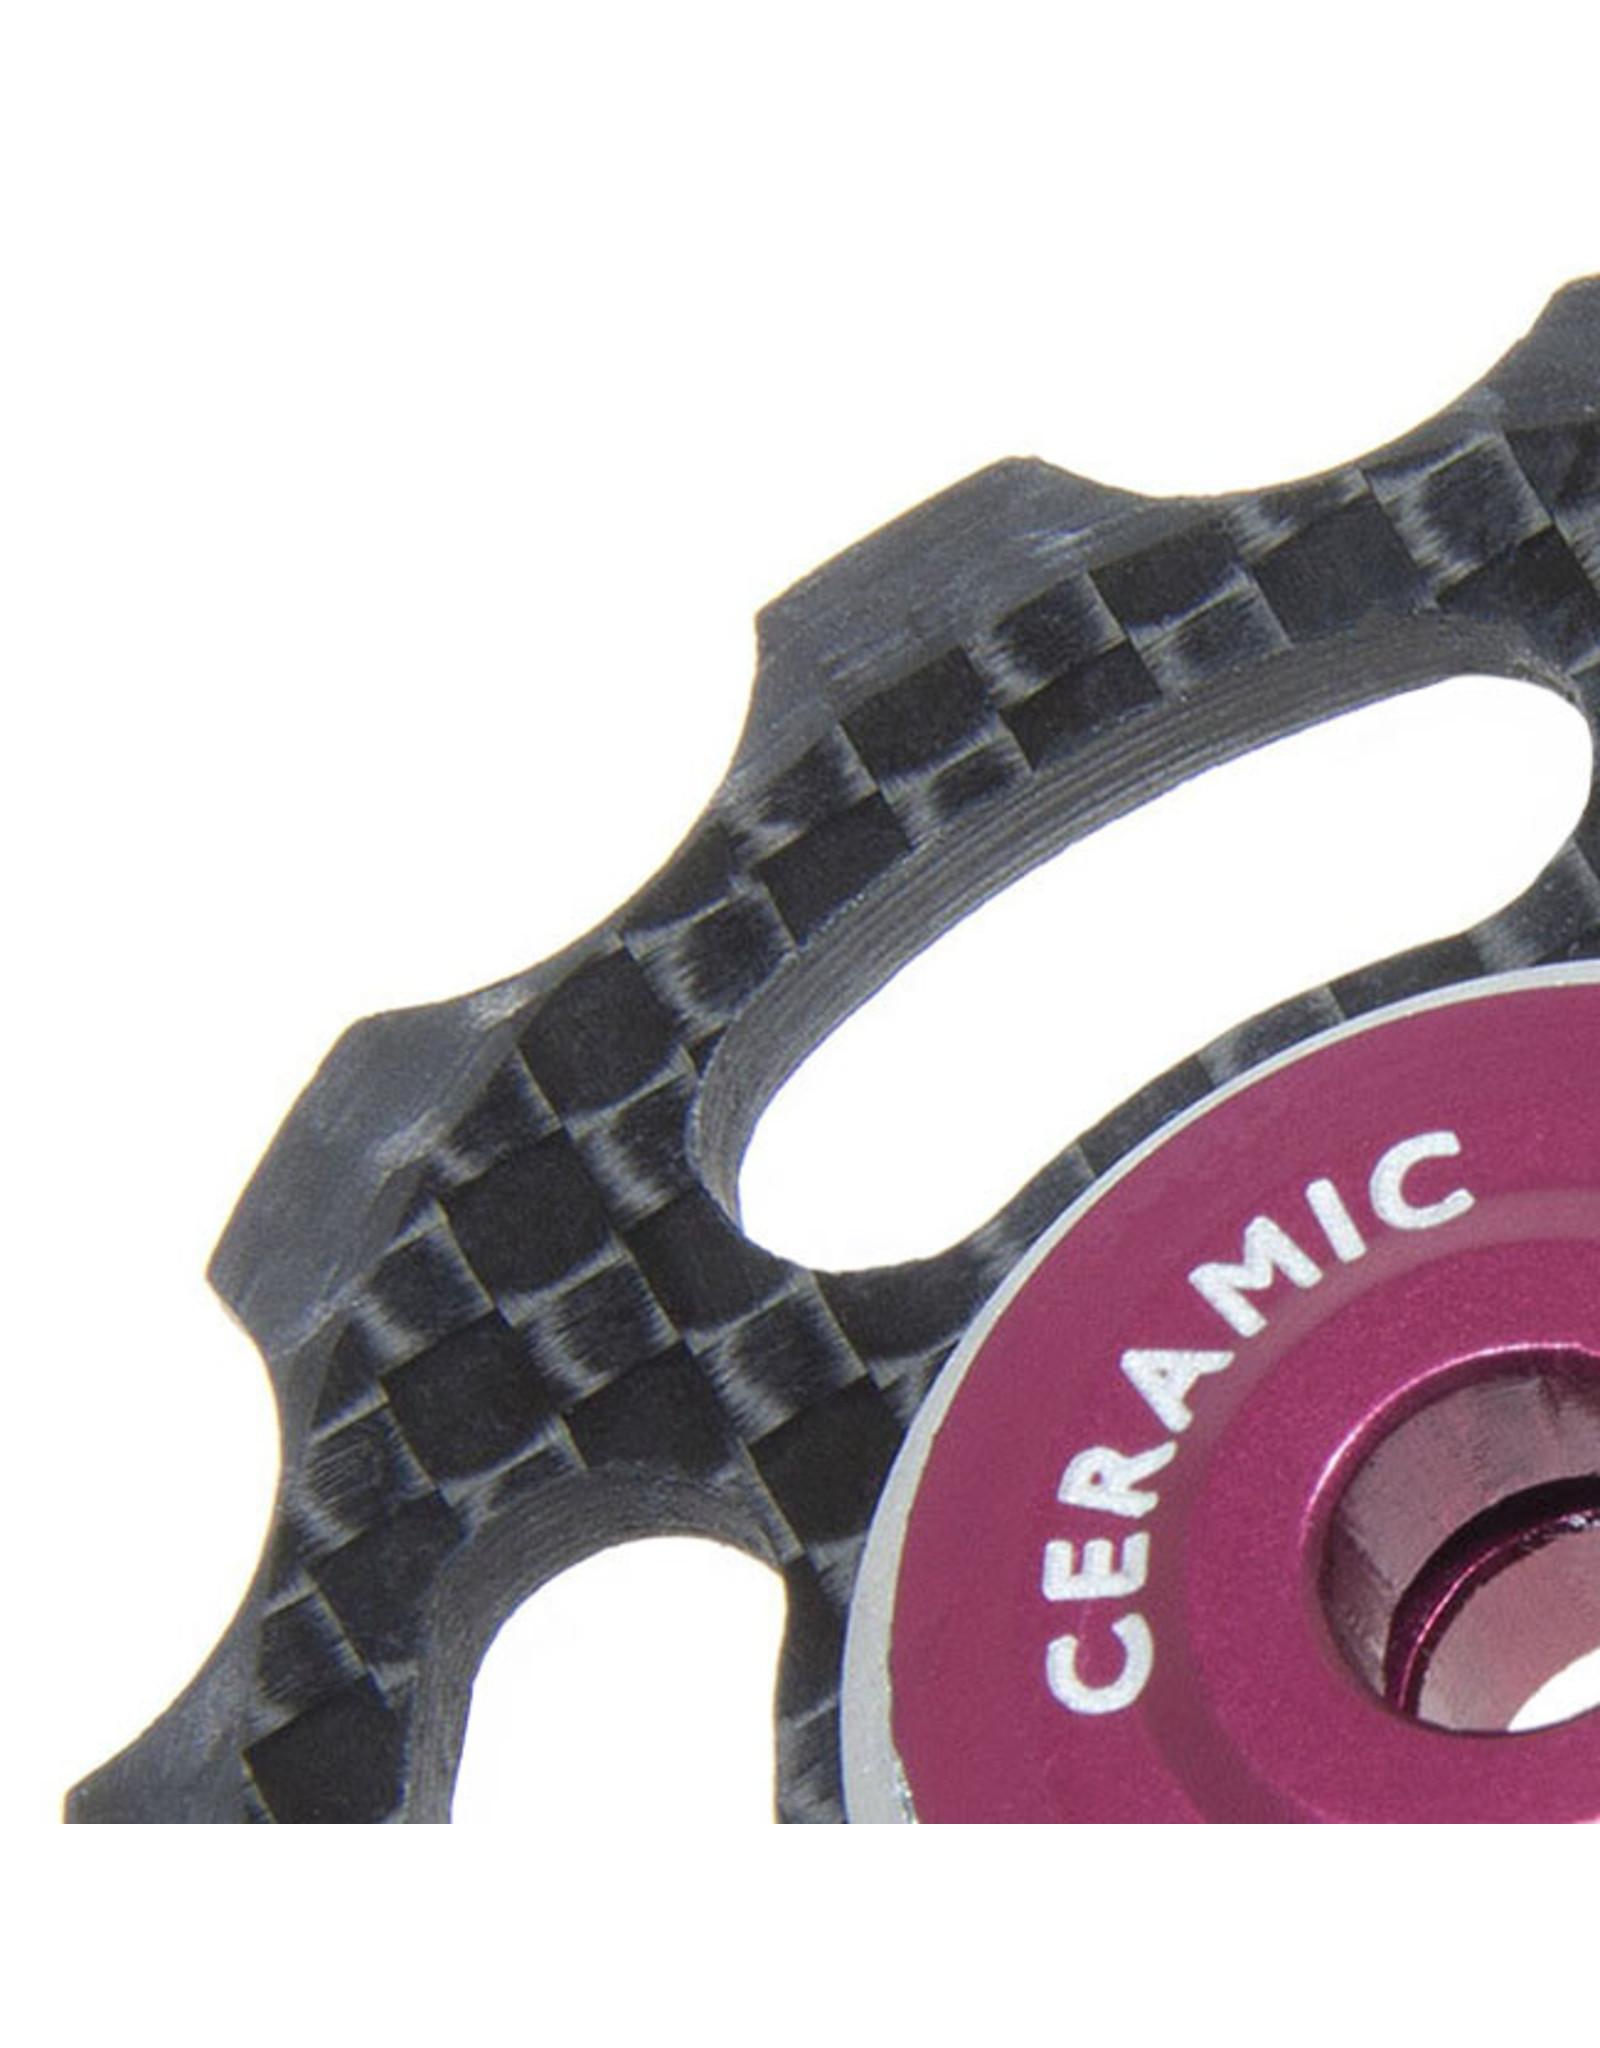 HSC HSC Ceramic Derailleur Pulleys